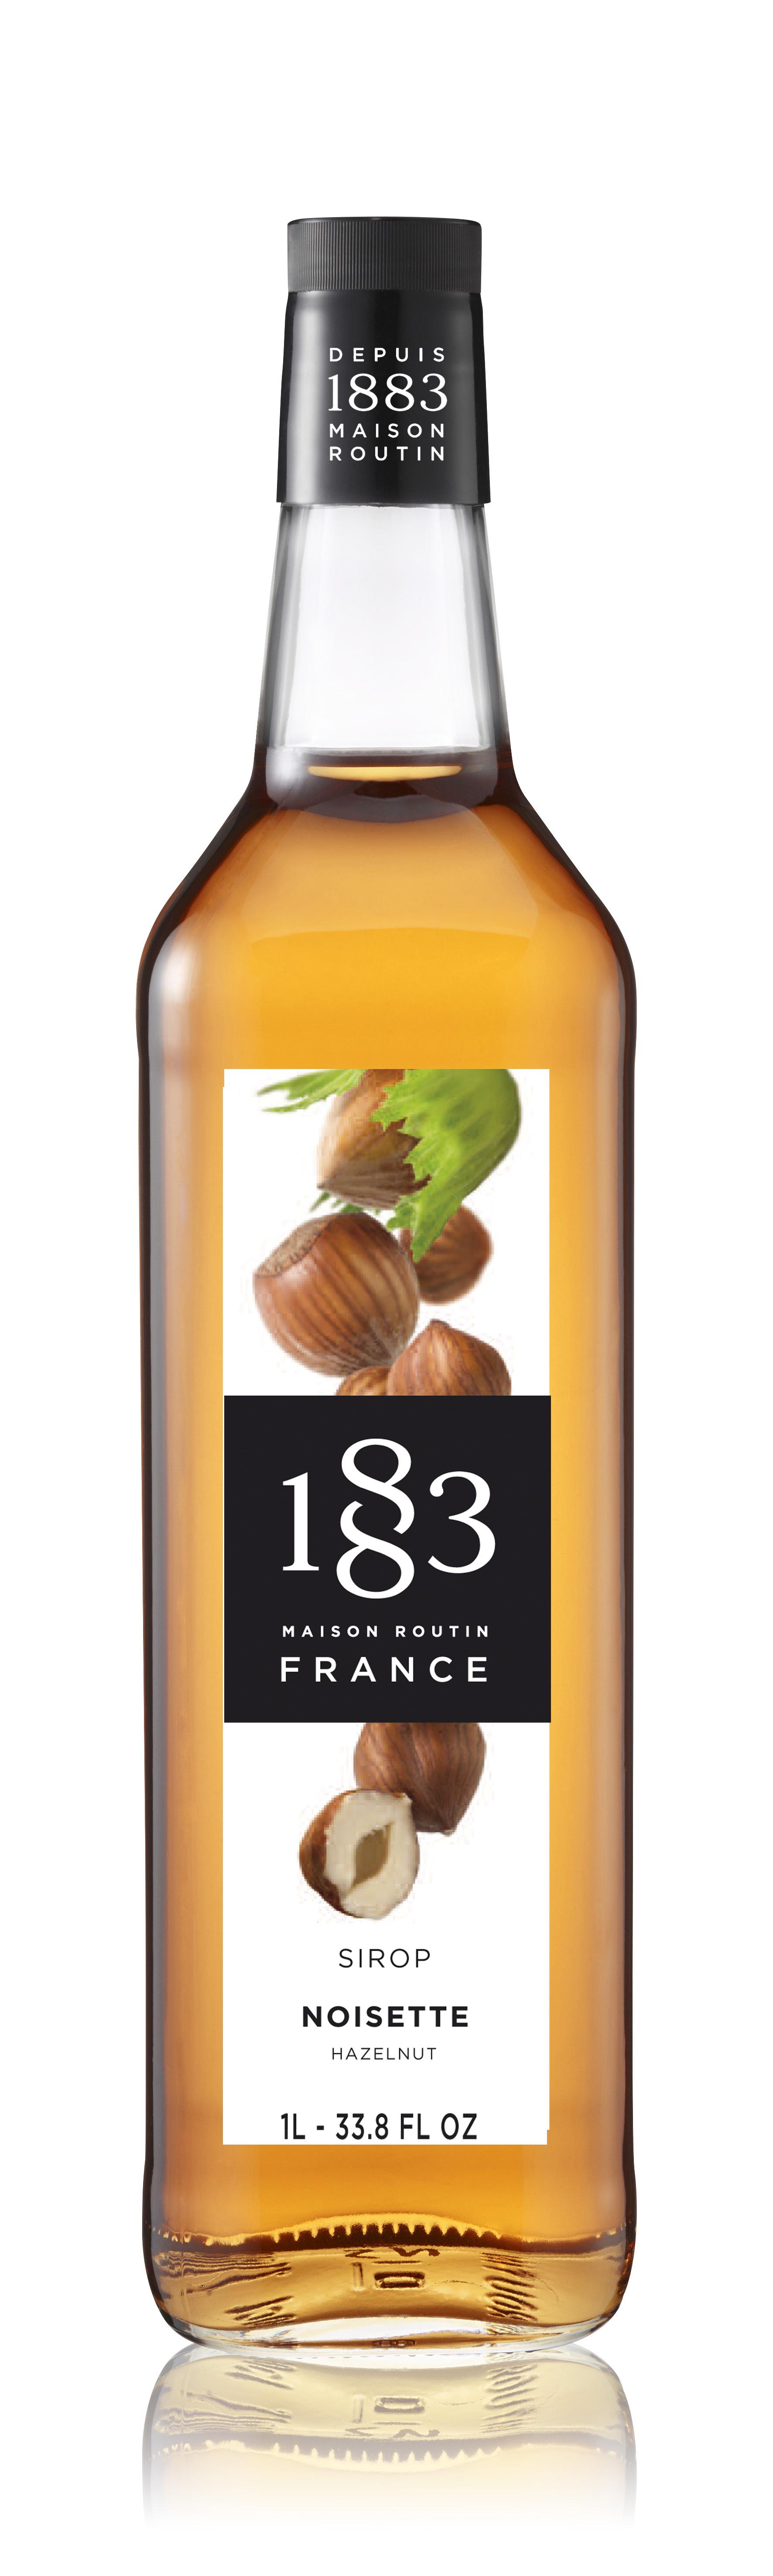 1883 Syrup Hazelnut 1L Glass Bottle